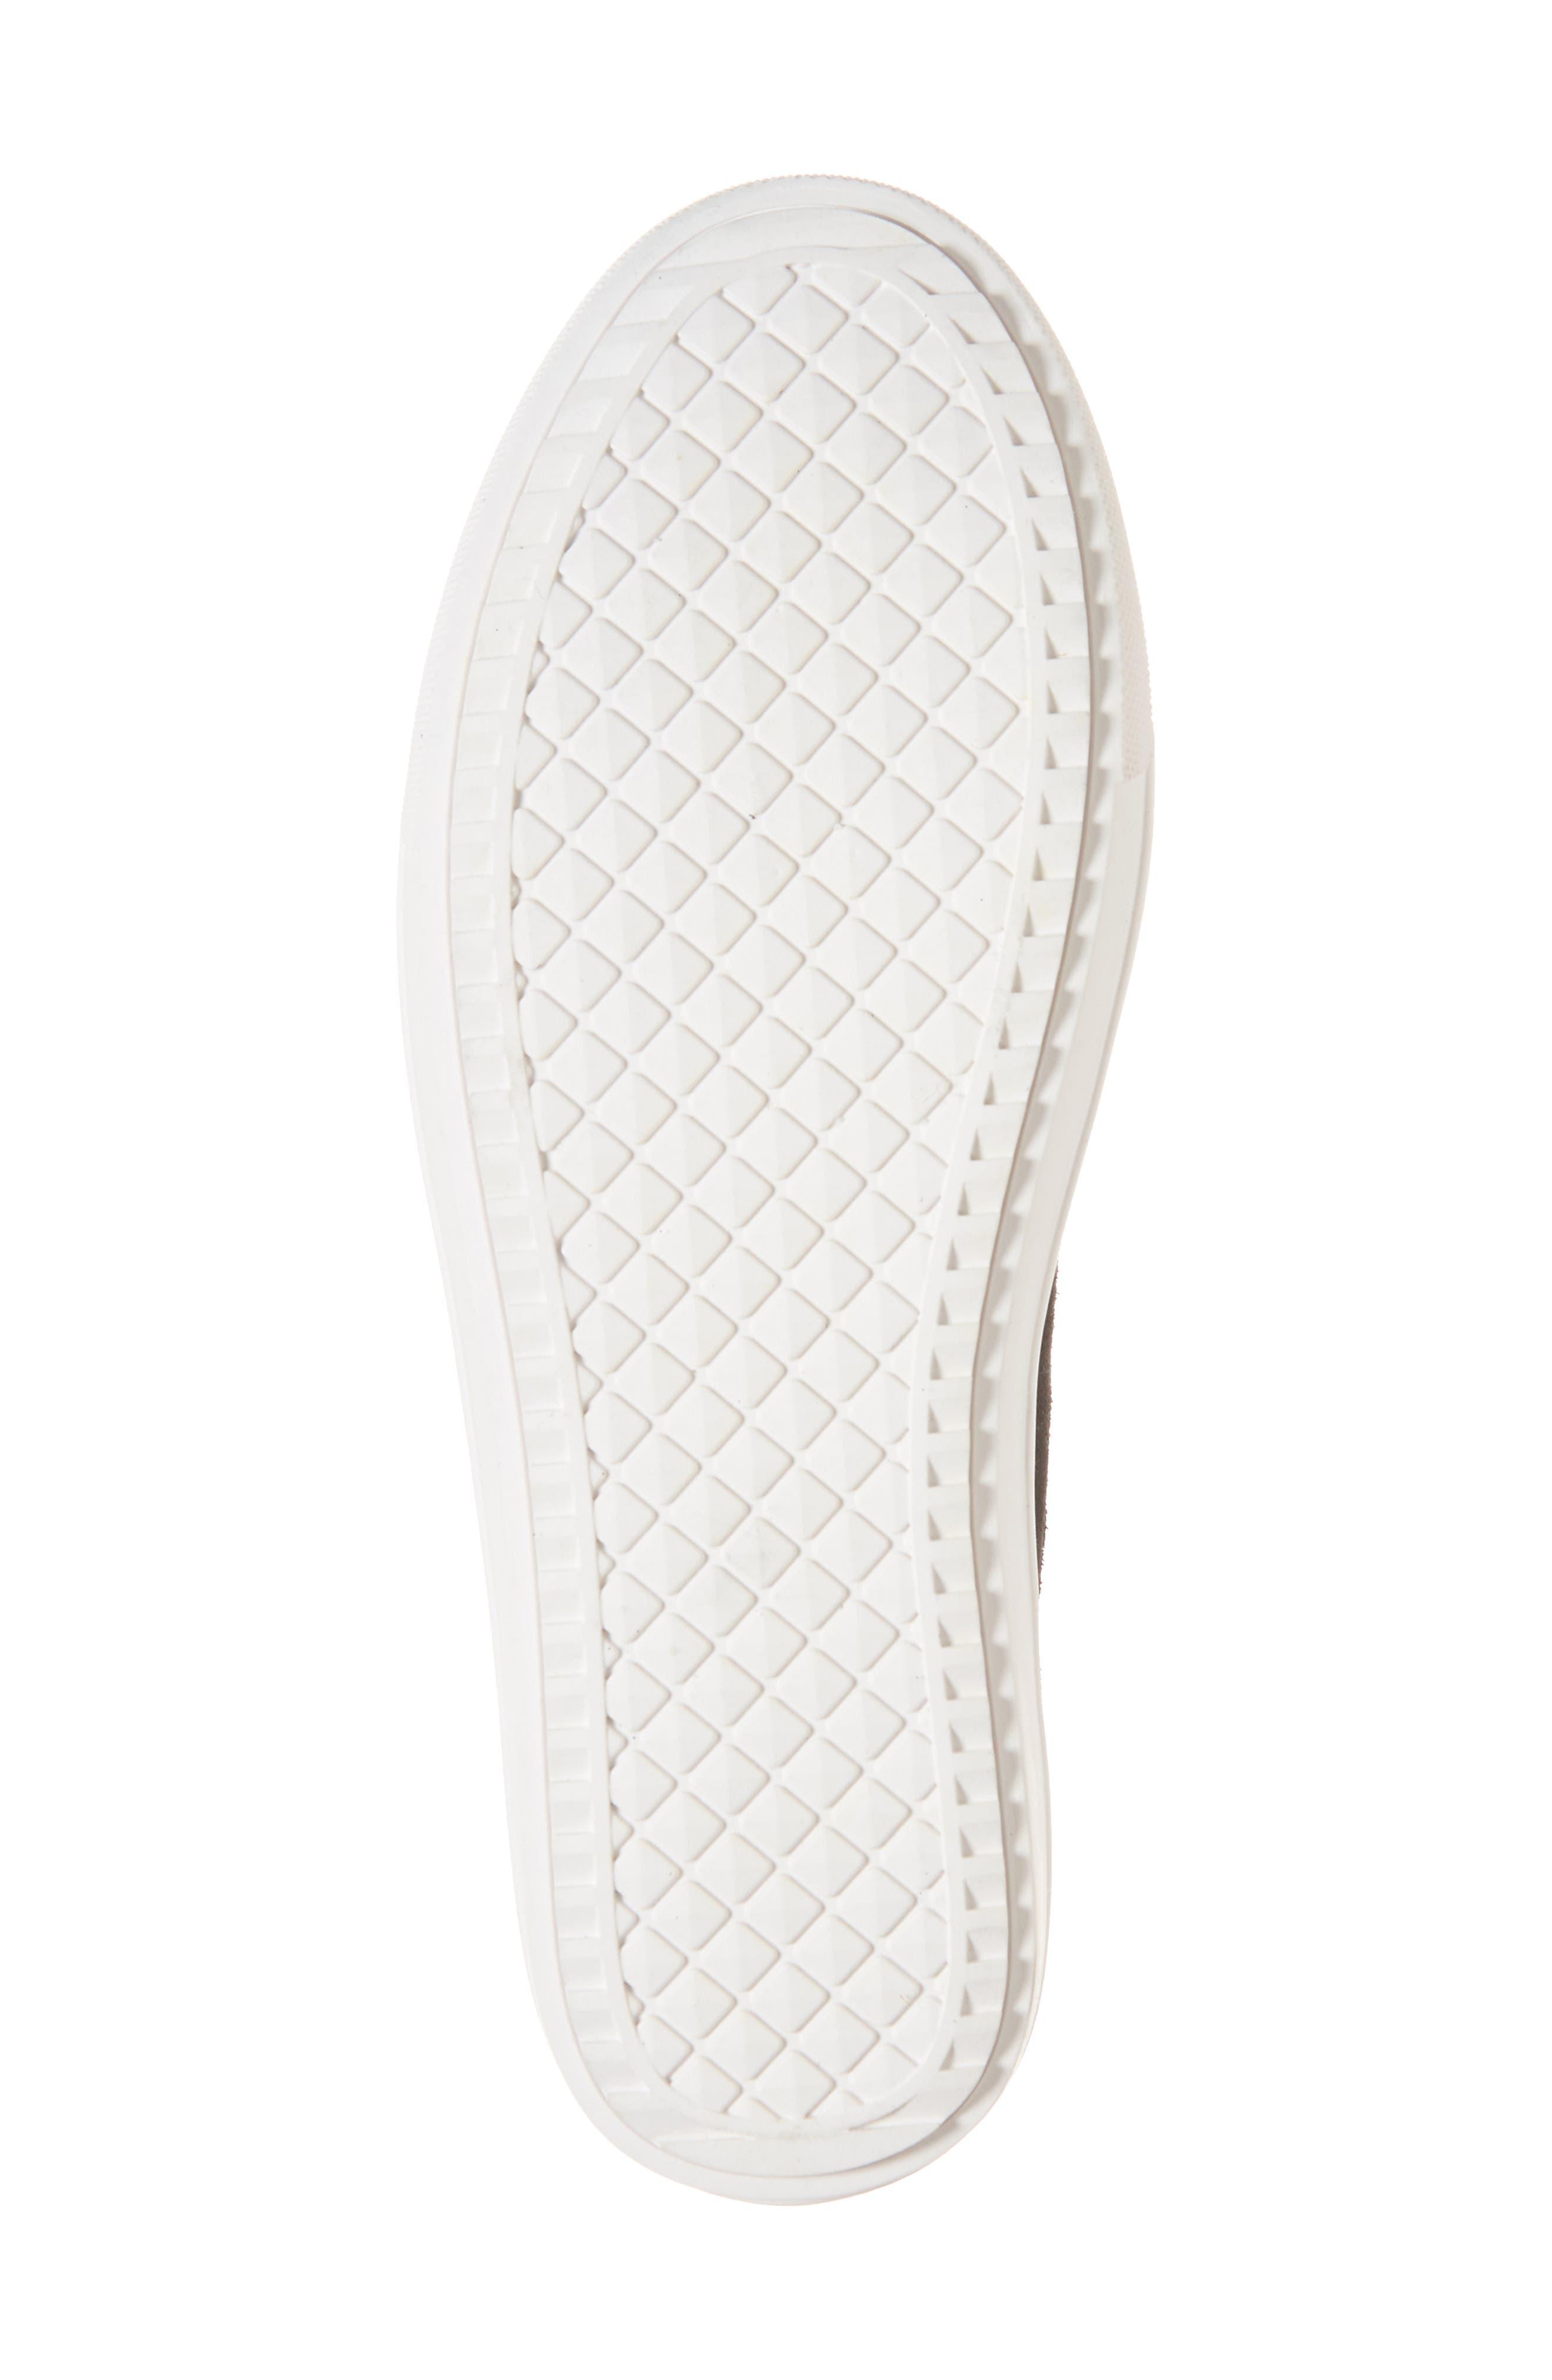 Sultan Chelsea Wedge Sneaker,                             Alternate thumbnail 6, color,                             BLACK SUEDE